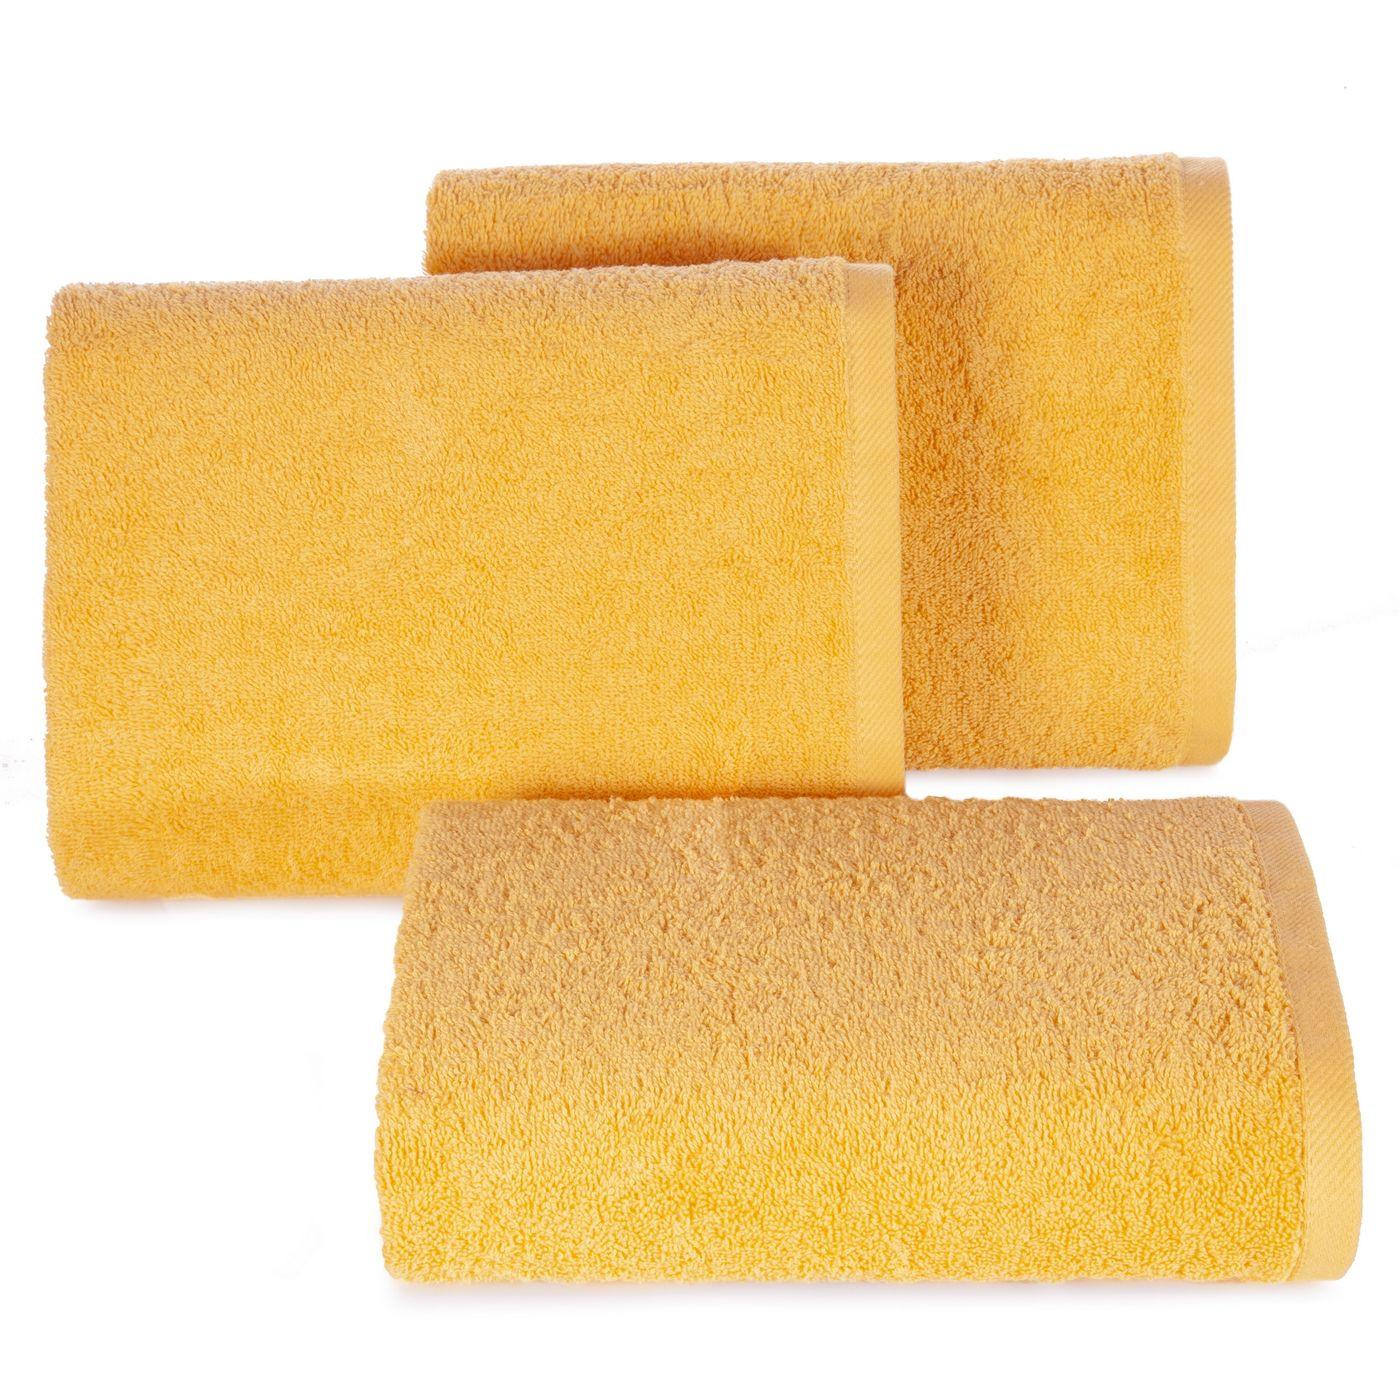 Ręcznik bawełniany gładki żółty 50x90cm